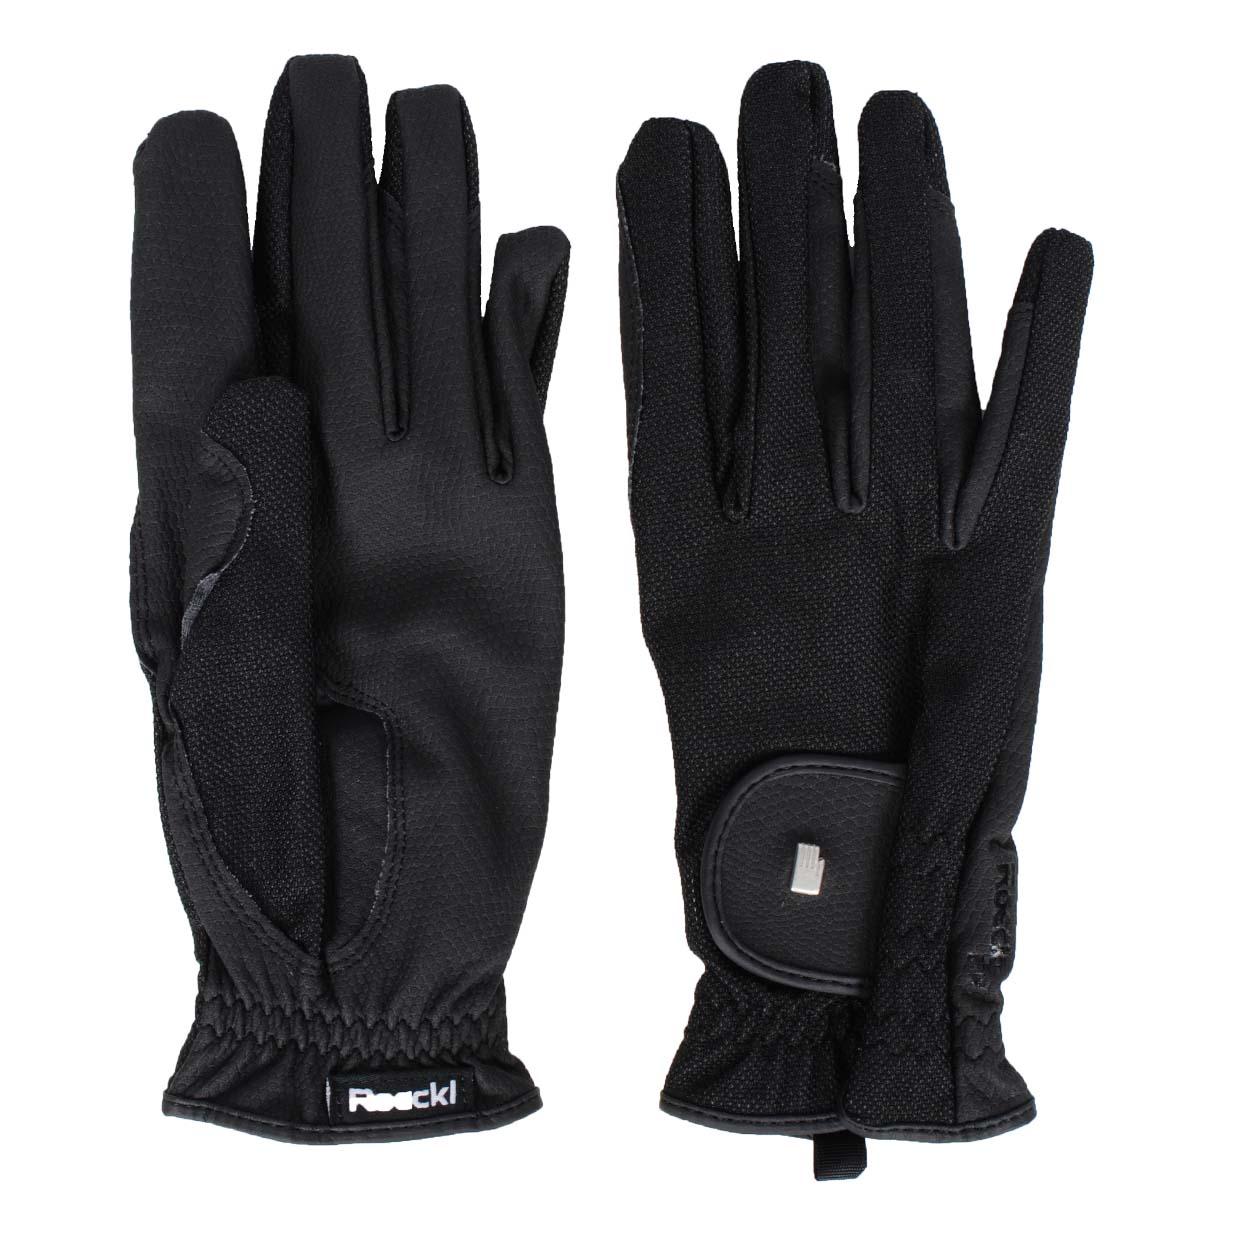 Roeckl Roeck Grip Lite handschoenen zwart maat:8